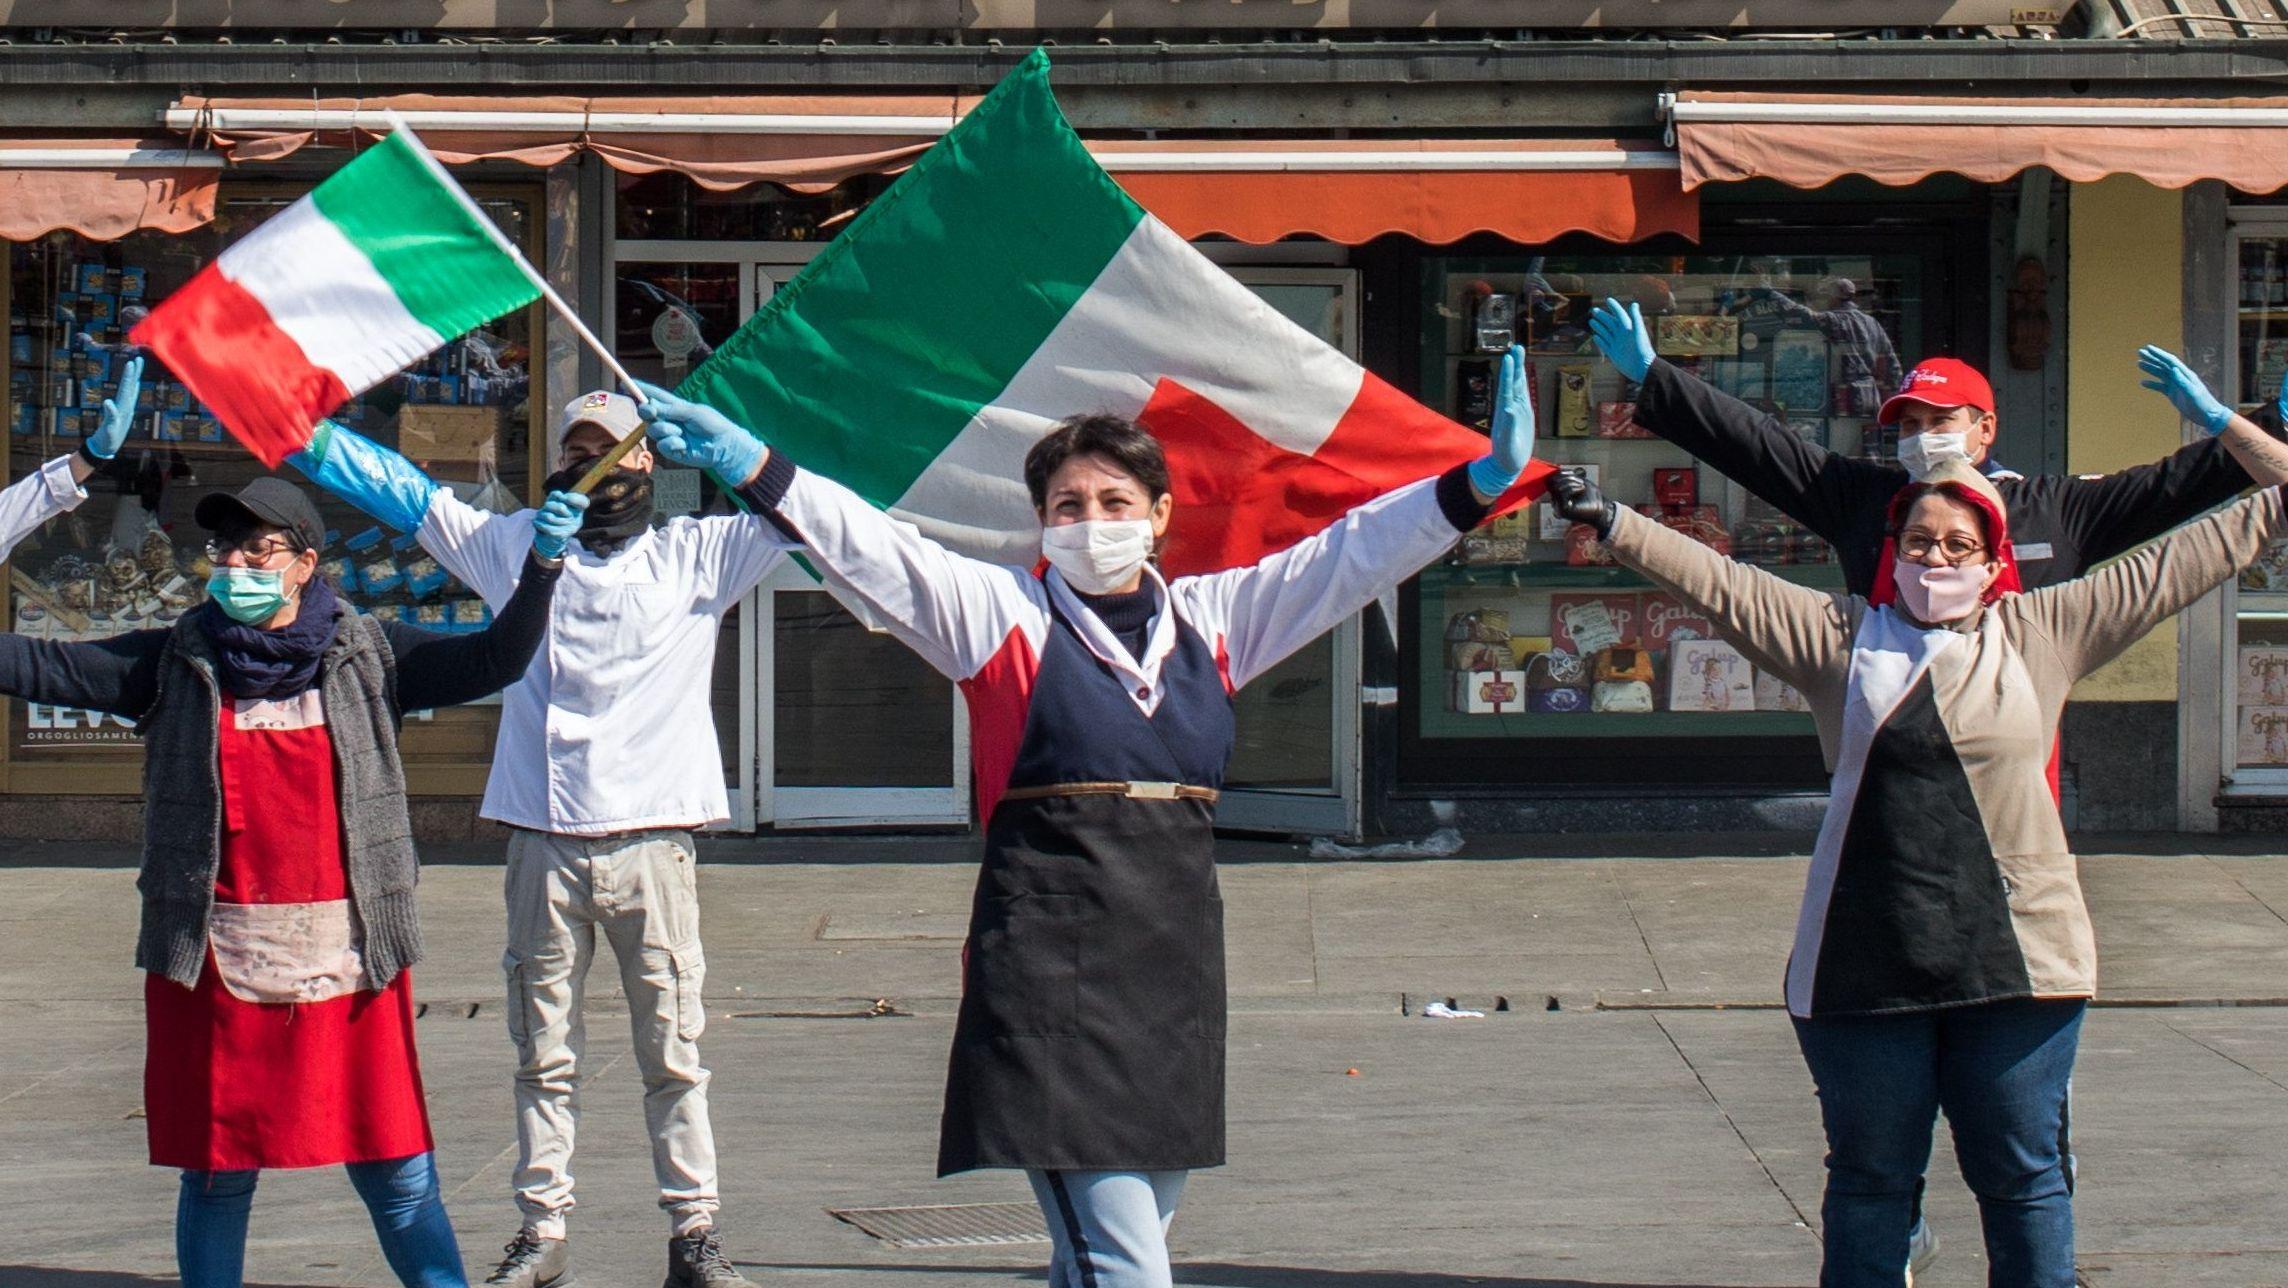 Händler am Porta Palazzo-Markt in Turin schwenken italienische Fahnen